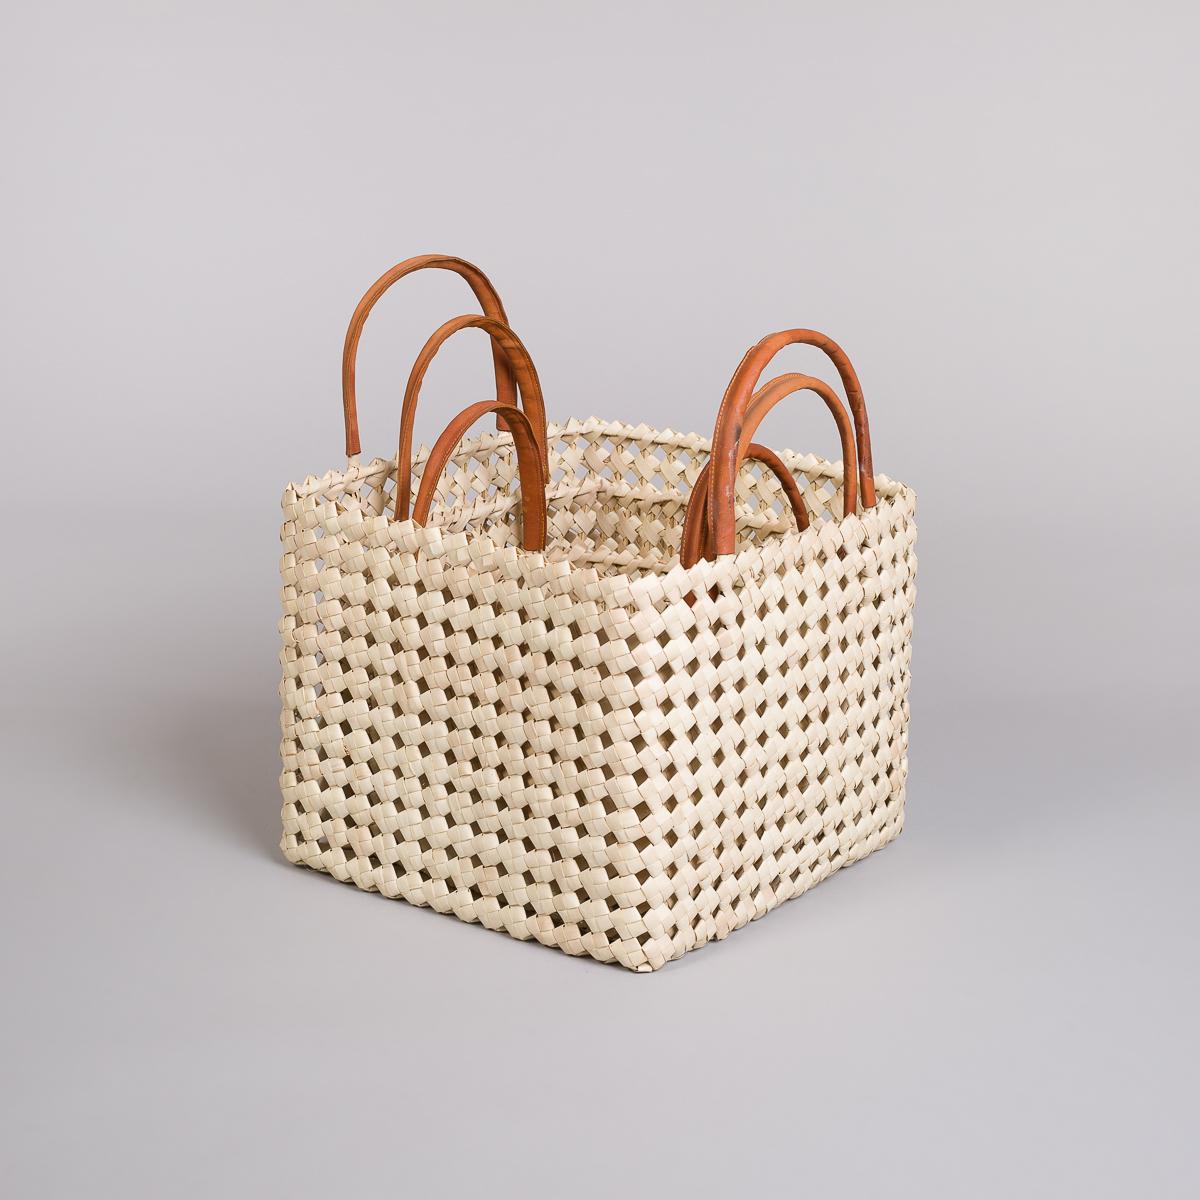 Sett 3 kurver i bambus med skinn på håndtak-Lys-127